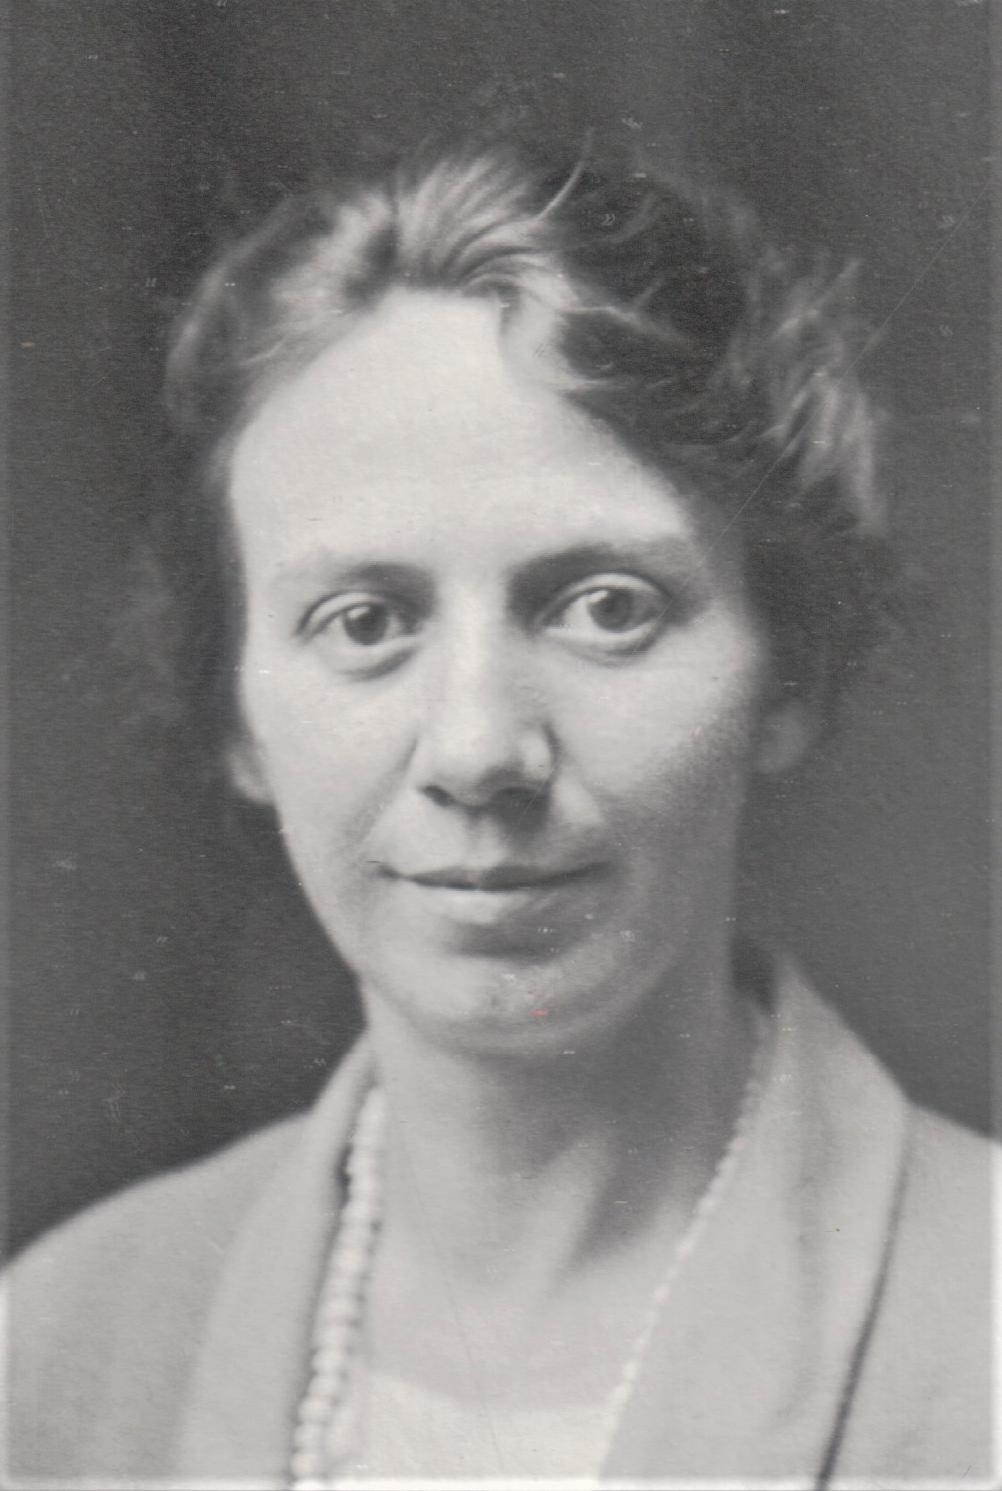 Meads, Hazel Pearl